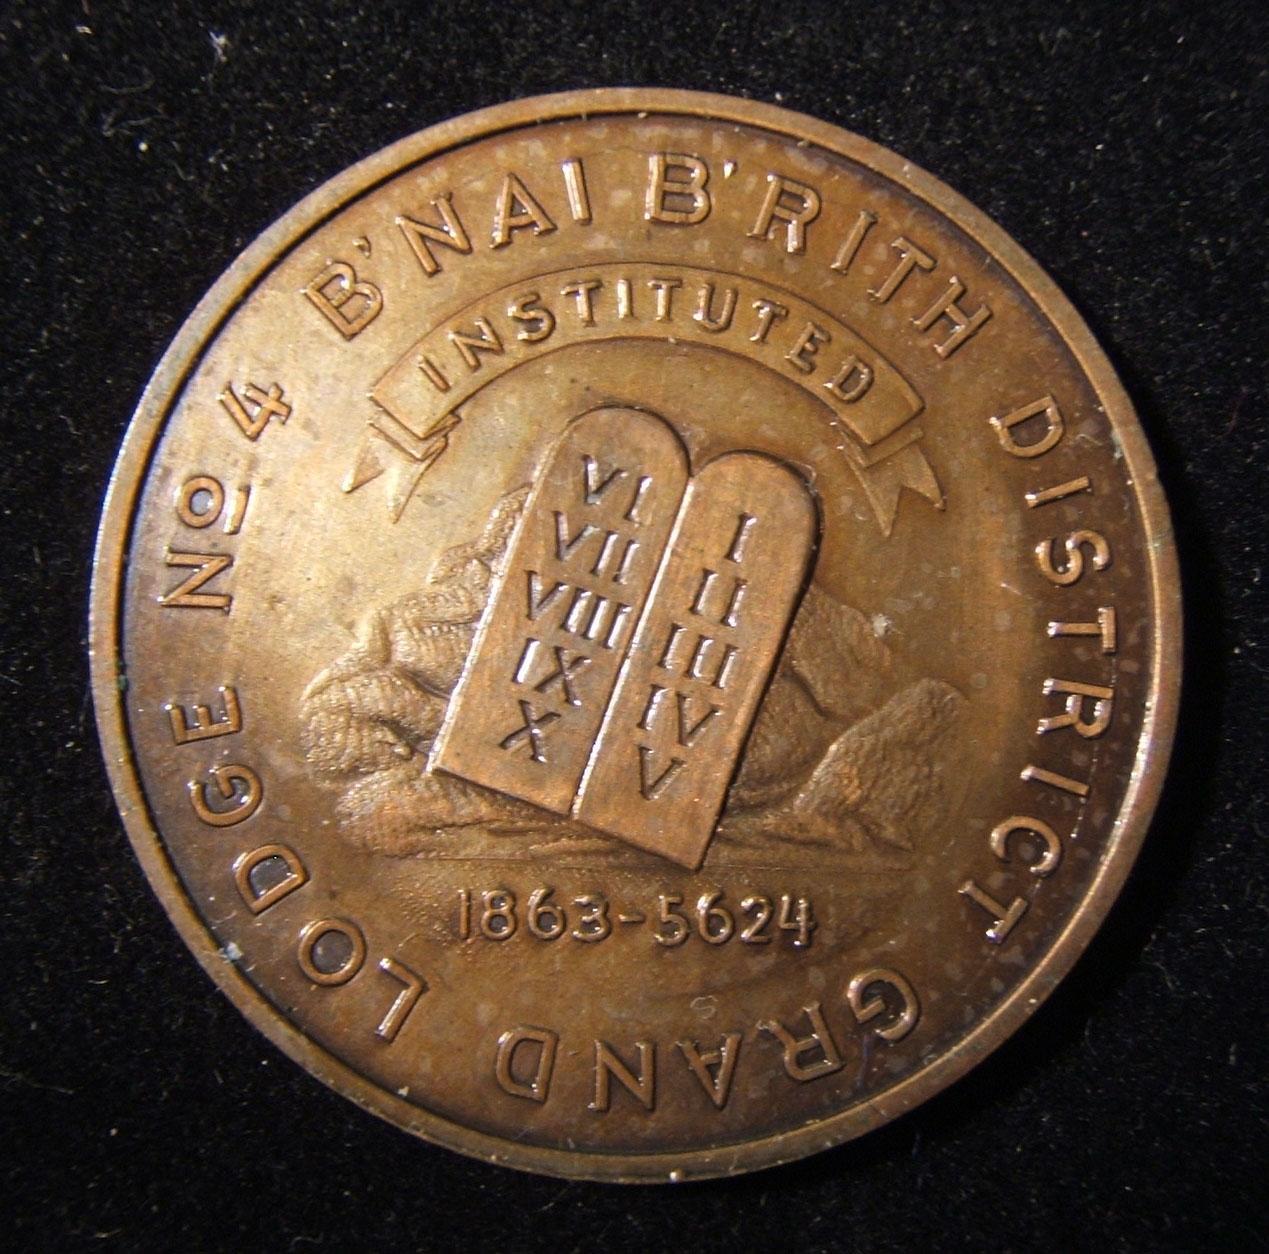 US: B'nai Brith Grand Lodge, 70. Jahrestag, Gedenk-Token aus Bronze, 1933, von Granat Brüdern; Größe: 36,25 mm; Gewicht: 13,9 g. Vorderseite: Tafeln gegen Wolke; Beschriftung: